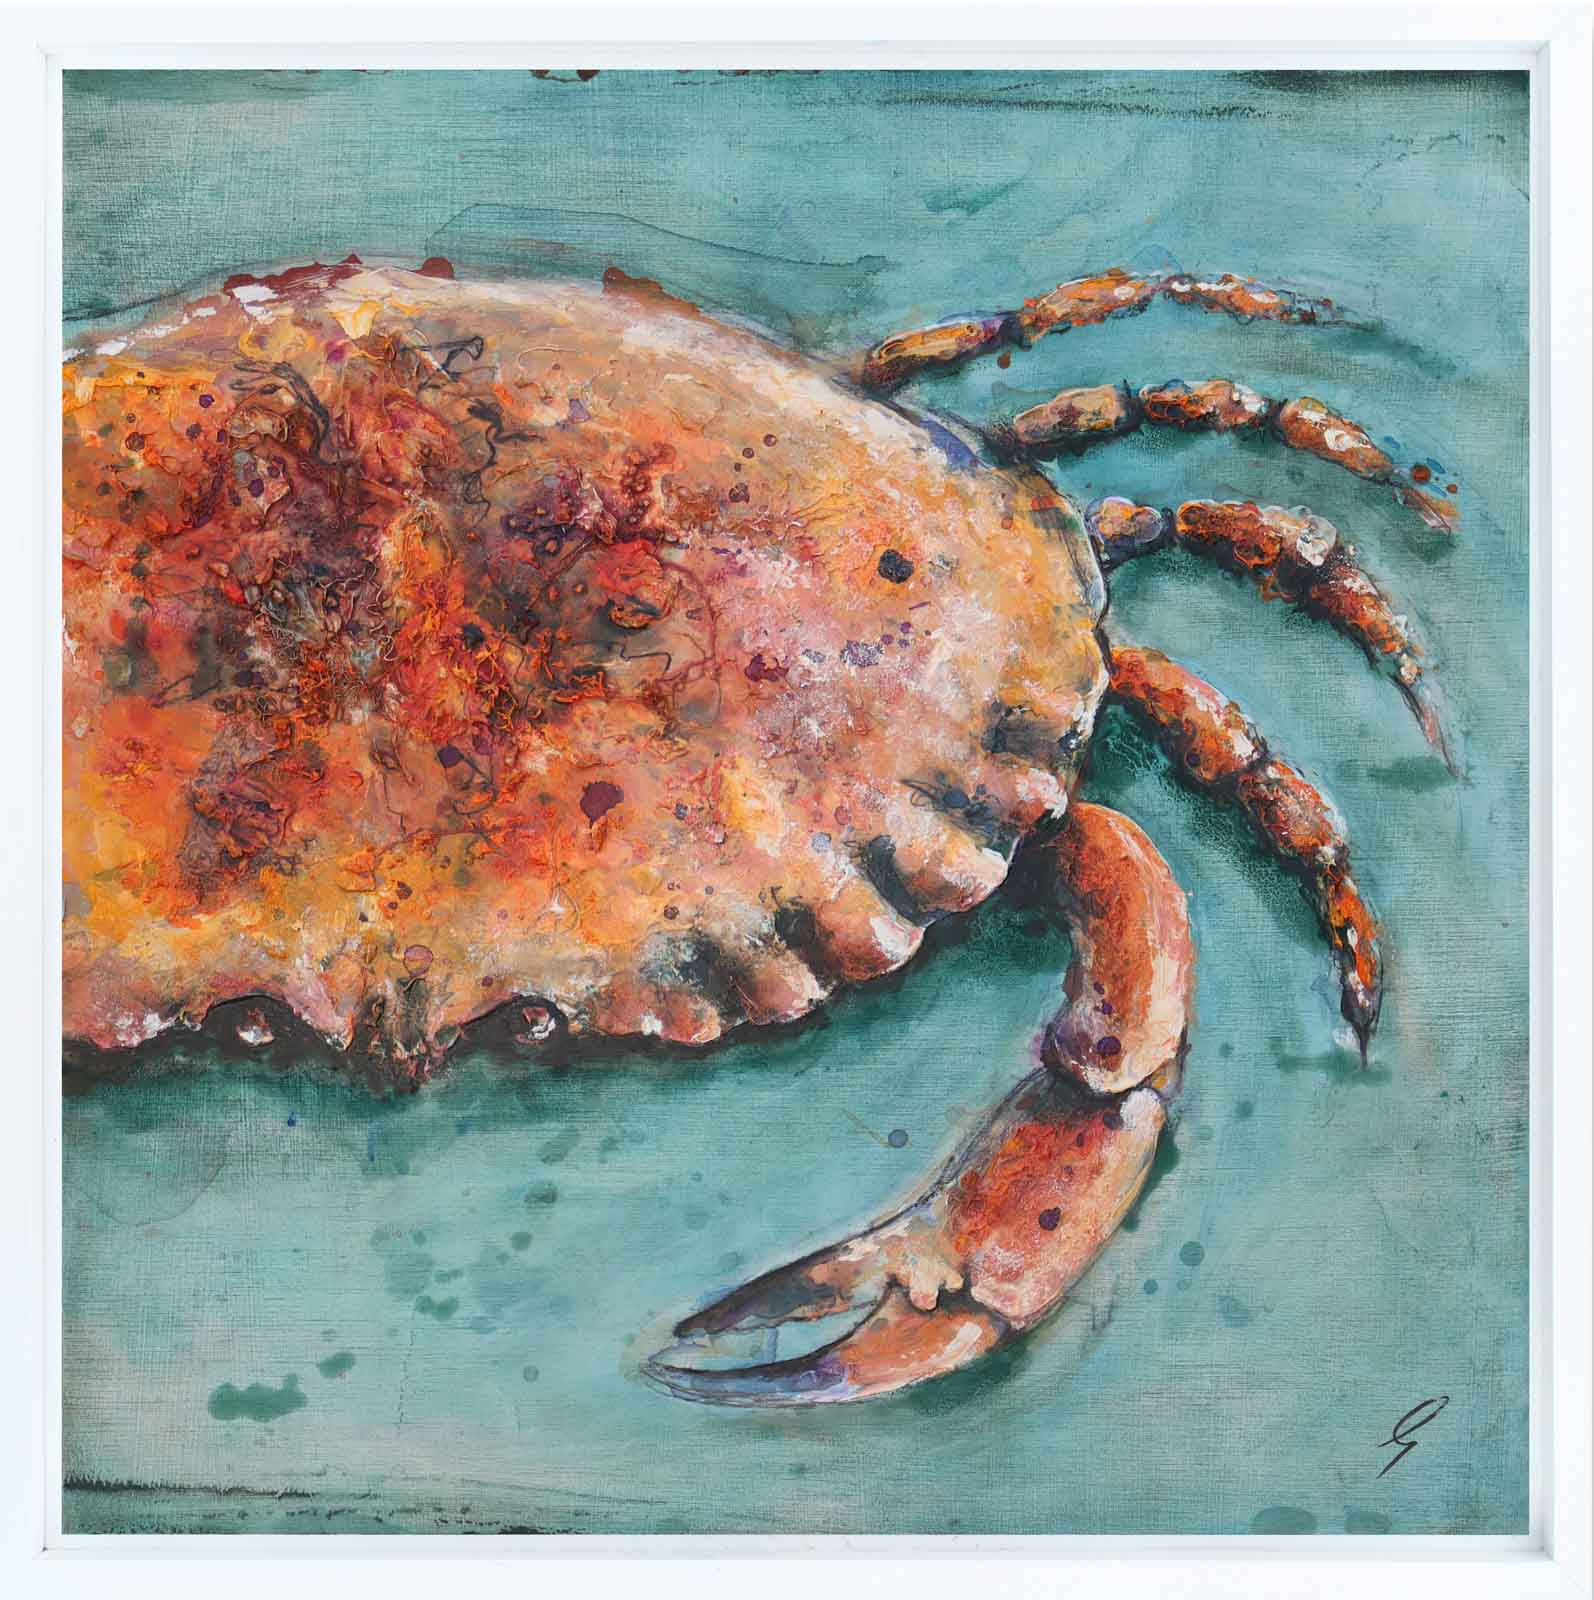 Small Shore Crab, Giles Ward